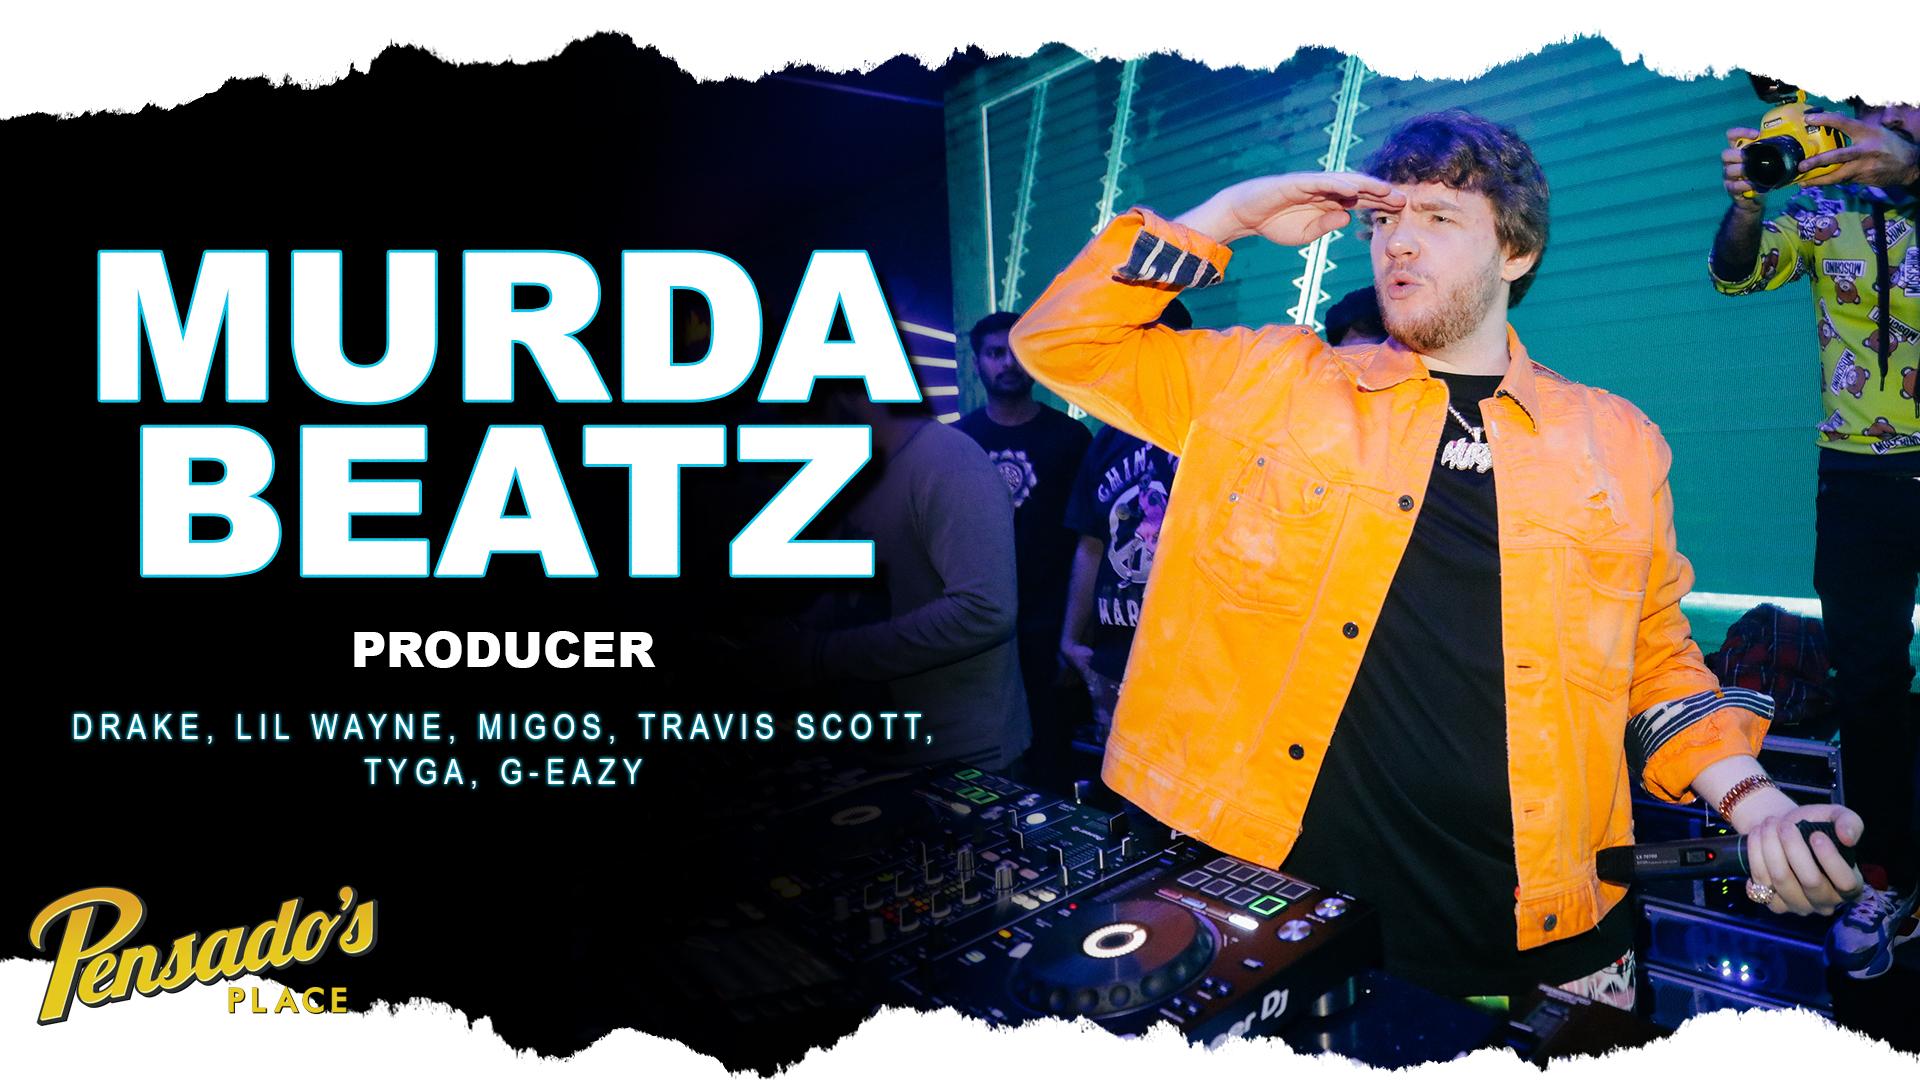 Multi-Platinum Producer, MURDA BEATZ